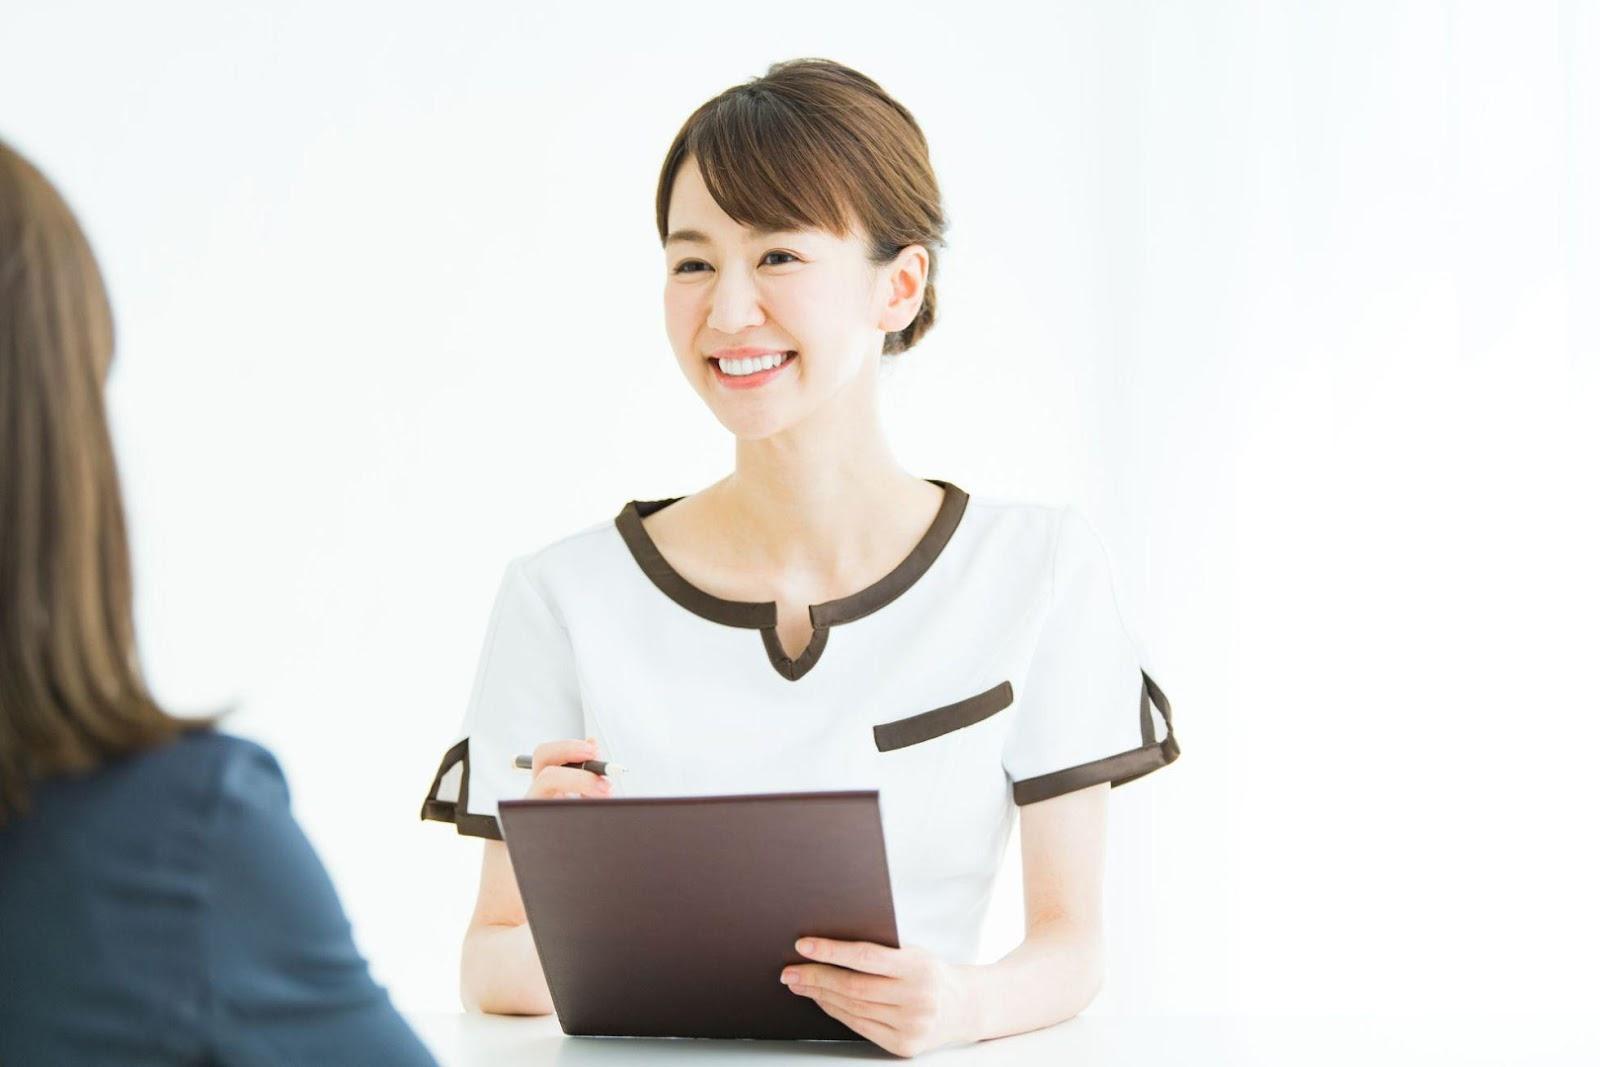 人, 女性, ノートパソコン, 座る が含まれている画像  自動的に生成された説明